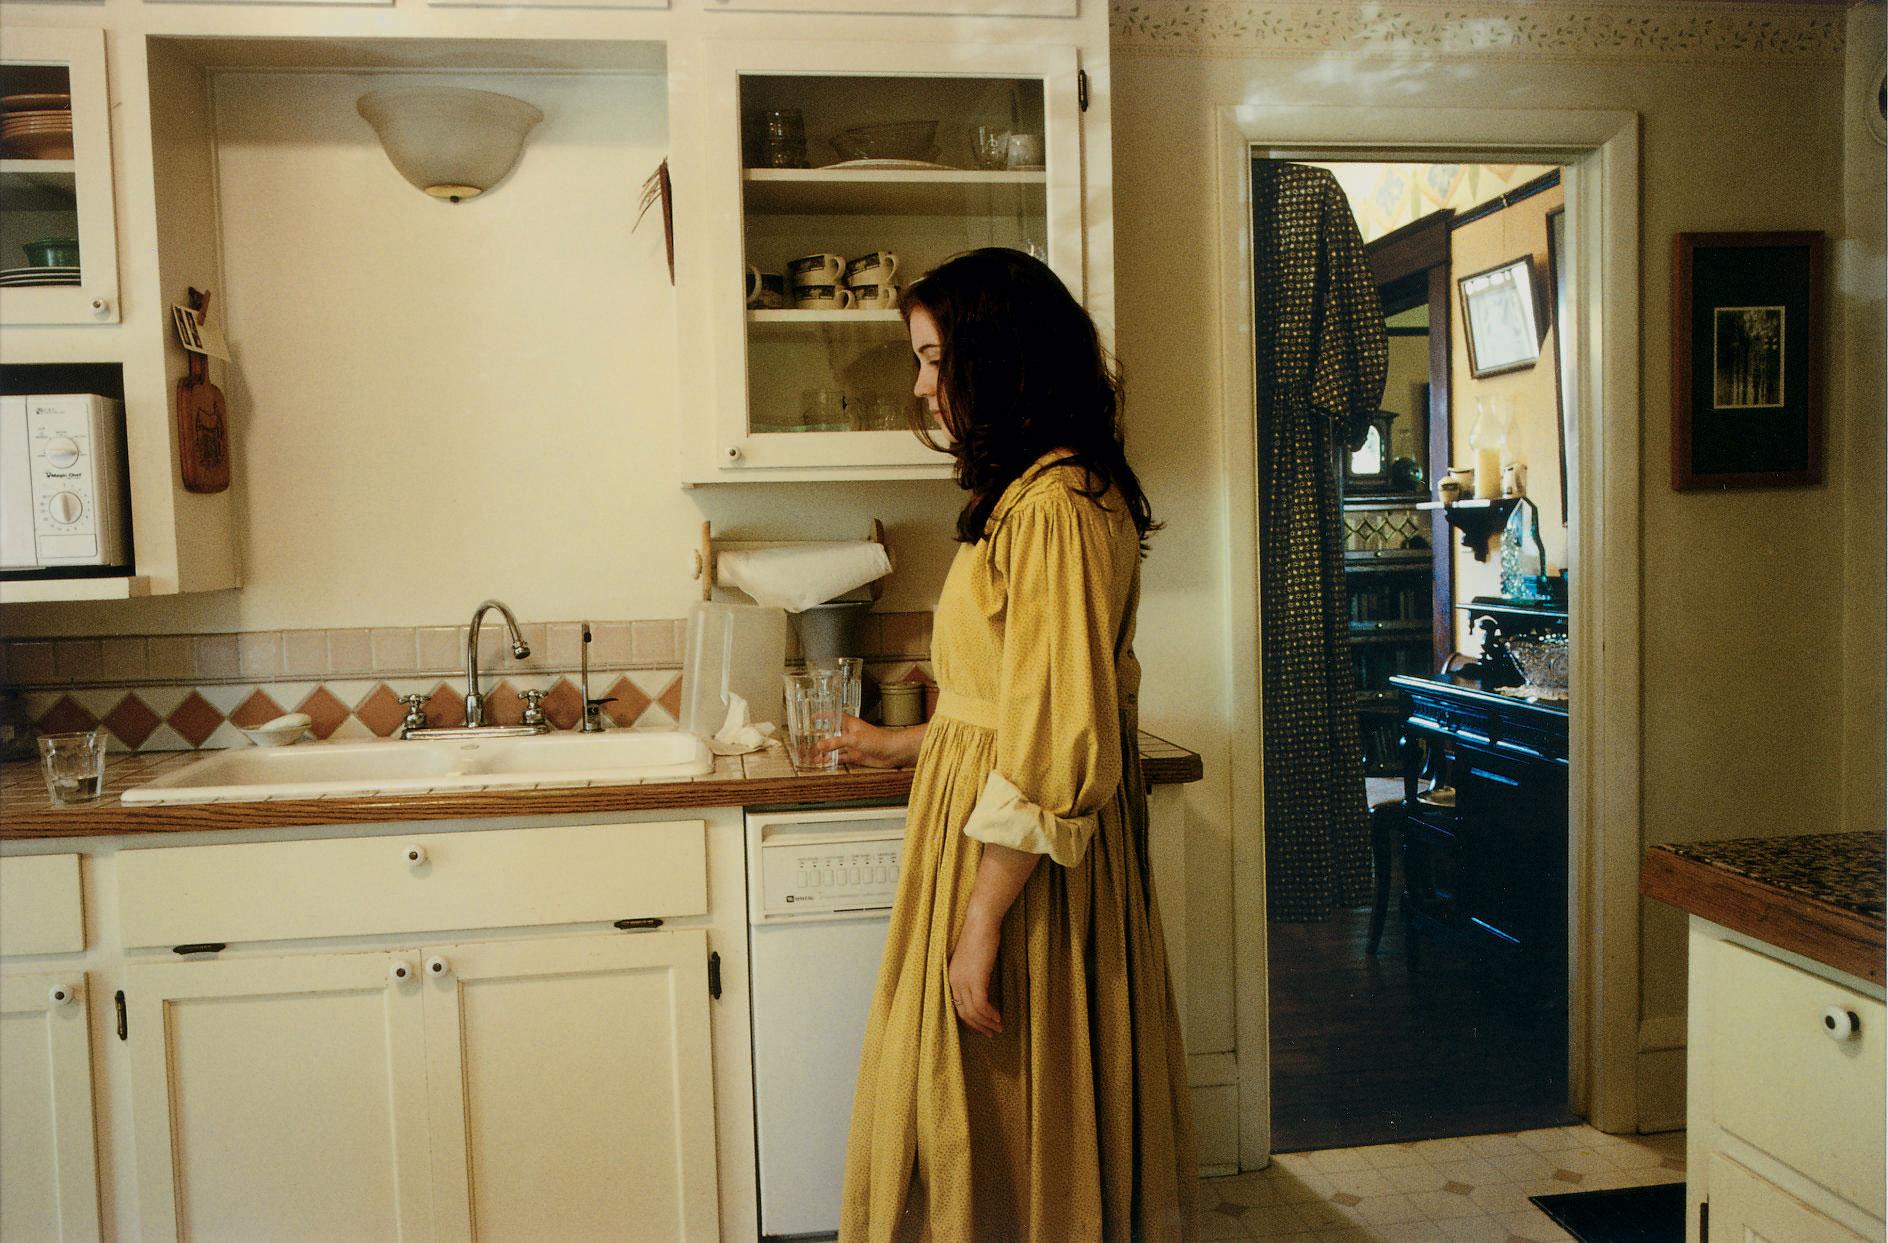 Suzannah #23, Hillsboro OR, 2003